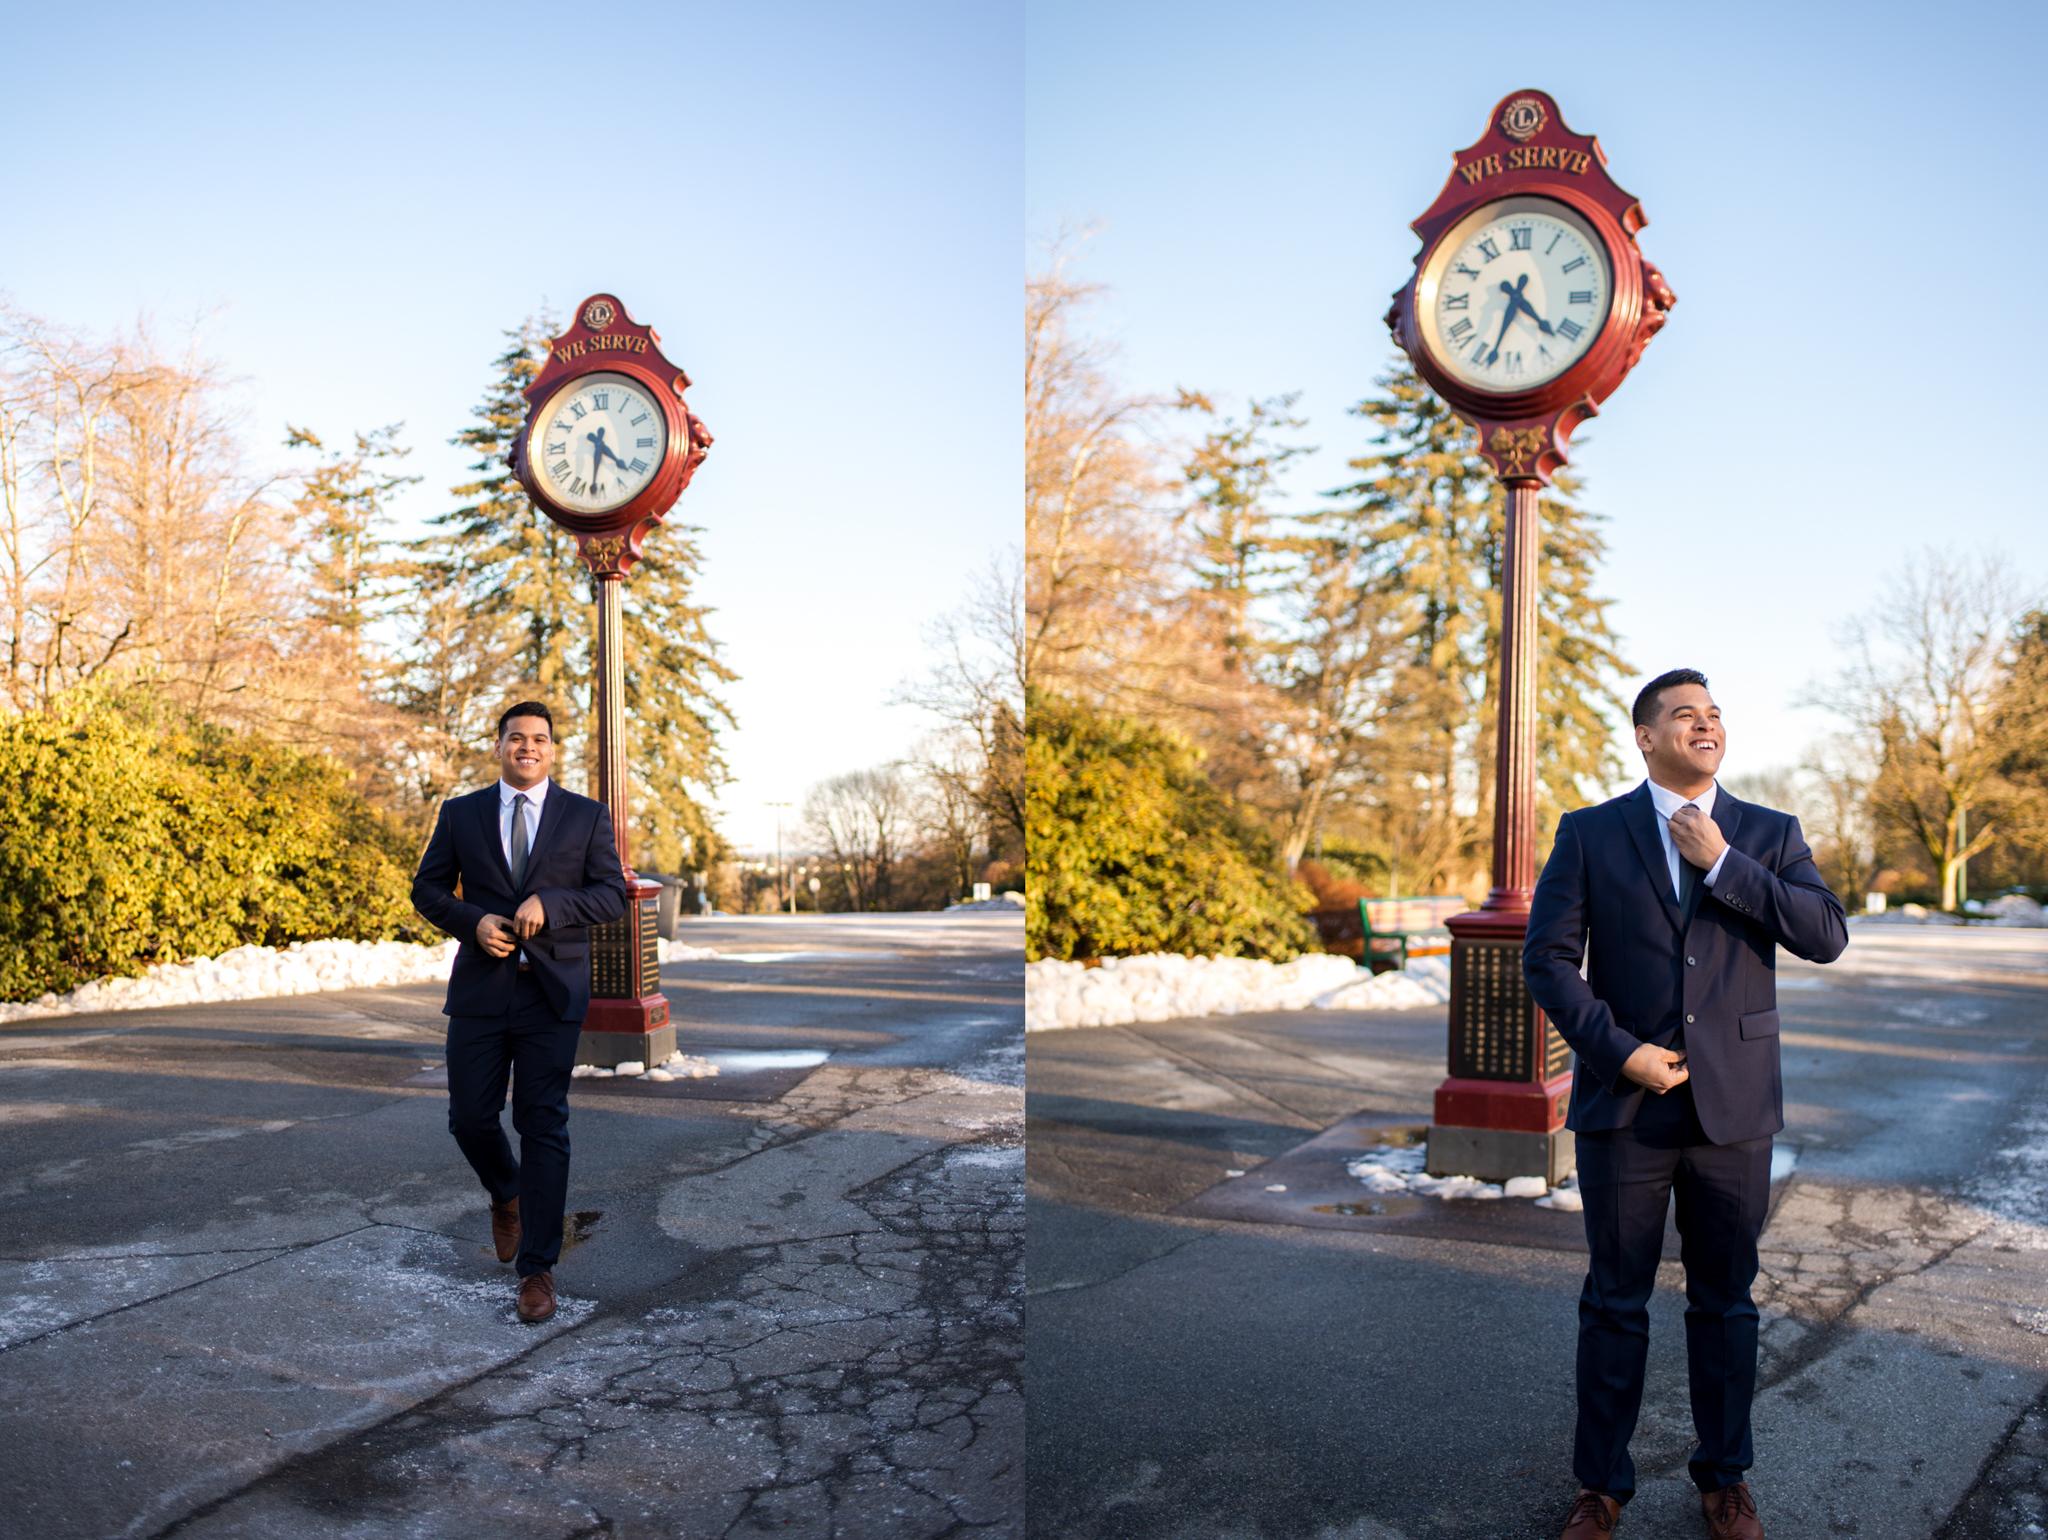 Queen Elizabeth Park Wedding Photographer-1.jpg